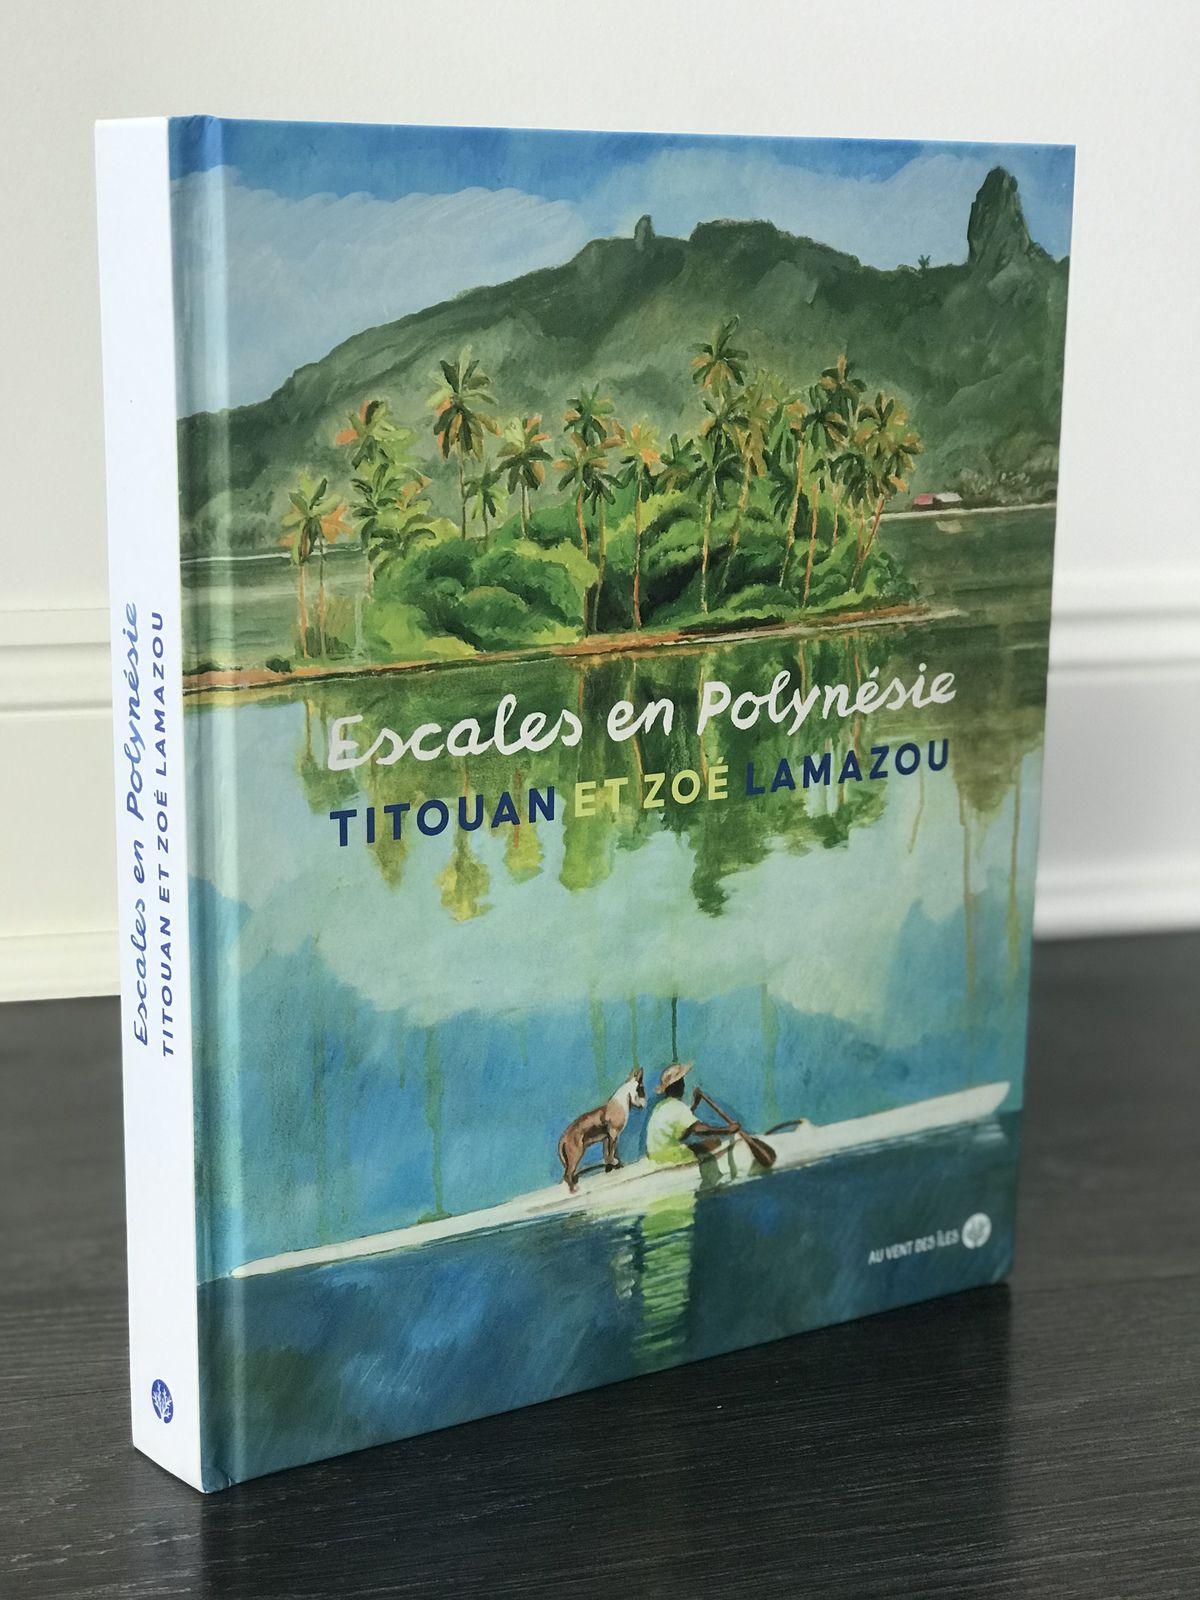 Escales en Polynésie de Titouan et Zoé LAMAZOU